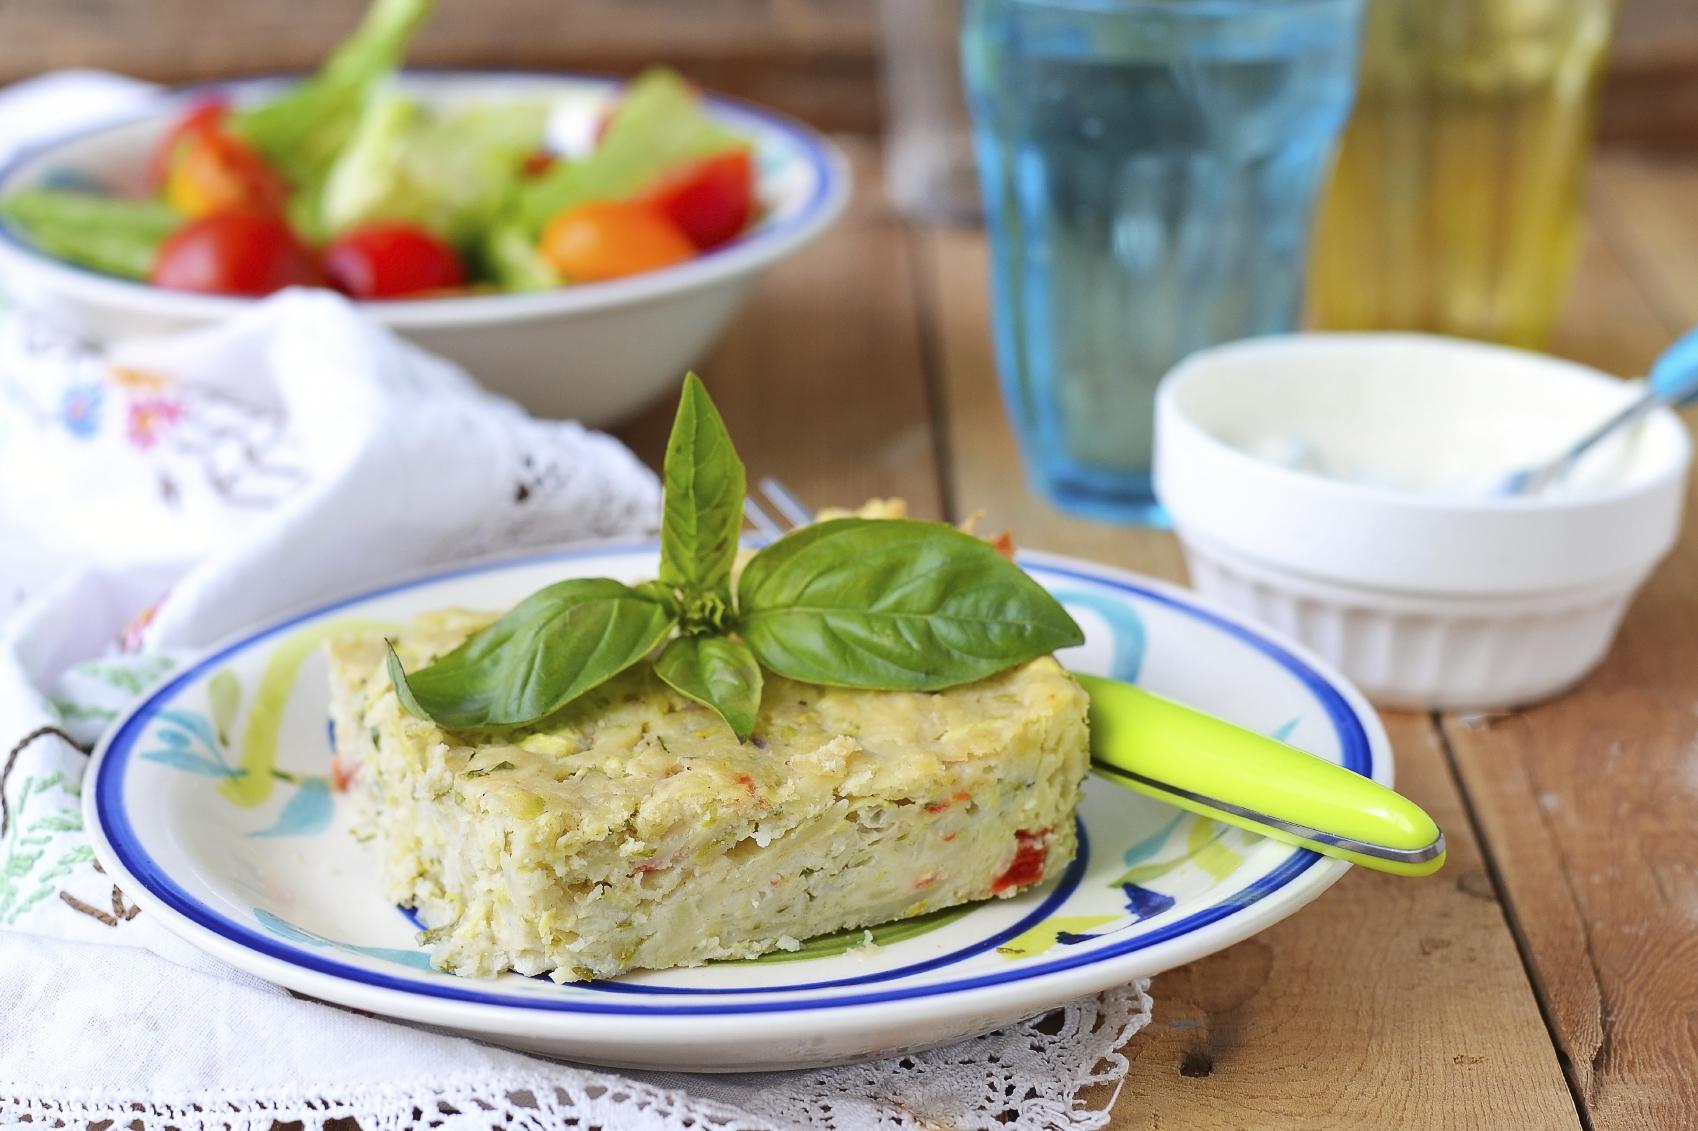 Tarta vegetariana con hojas de albahaca